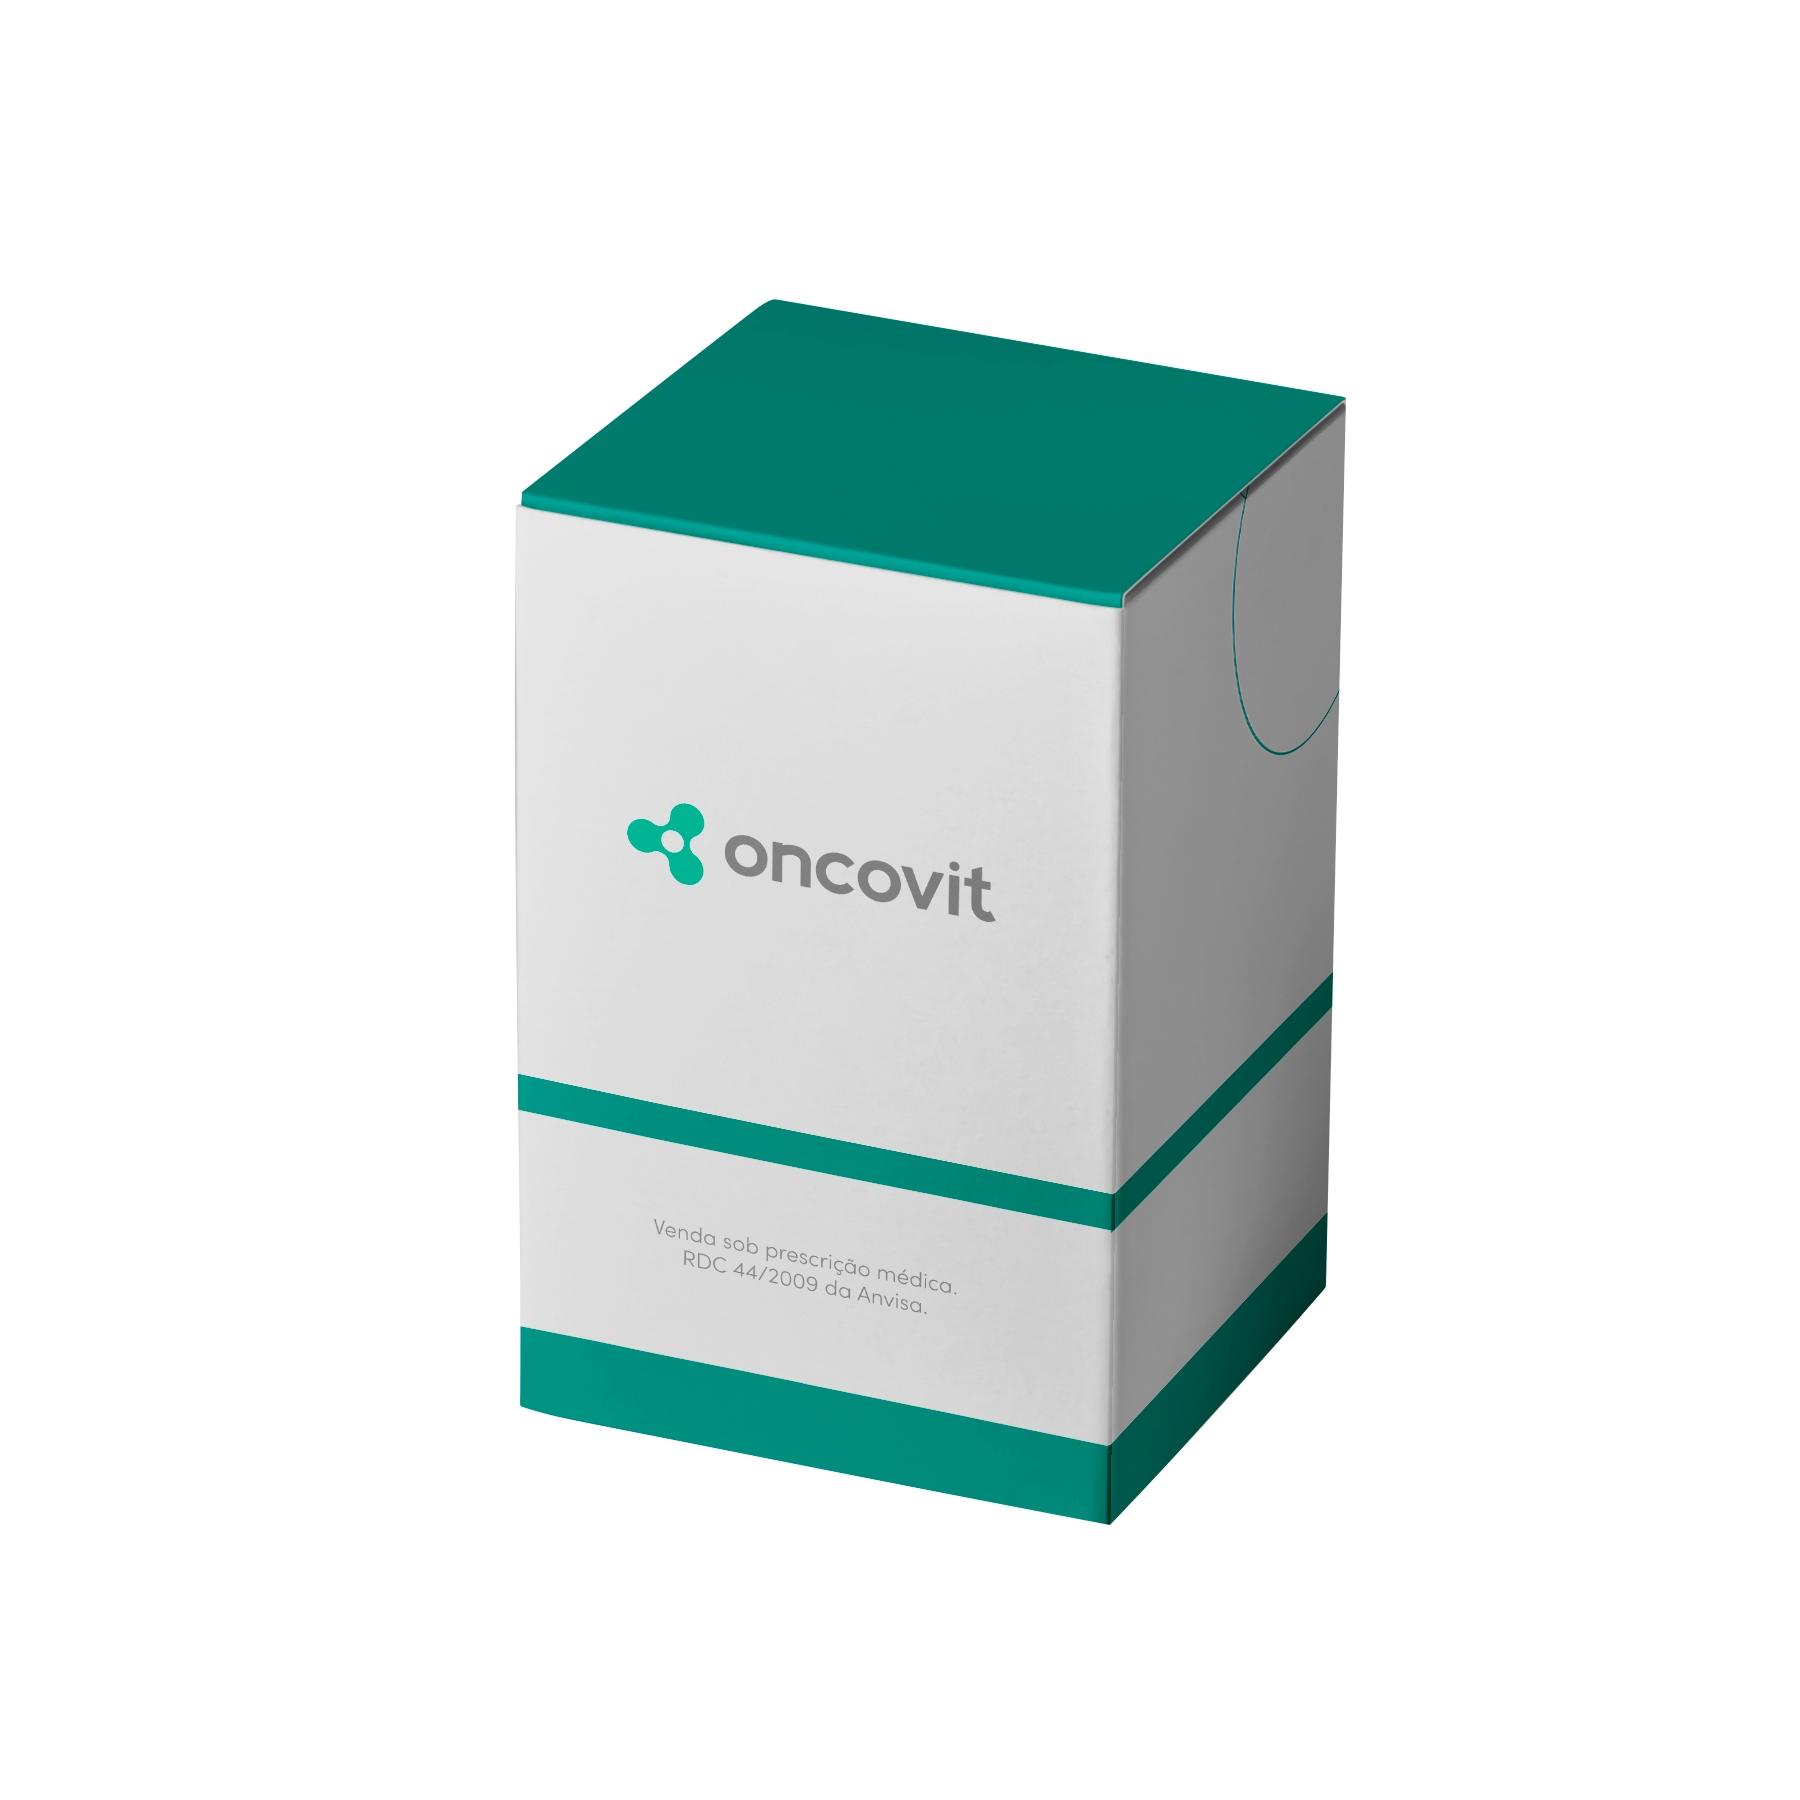 Sandostatin LAR 30mg caixa com 1 frasco-ampola com pó para suspensão de uso intramuscular + 1 seringa com 2,5mL de diluente + sistema de aplicação